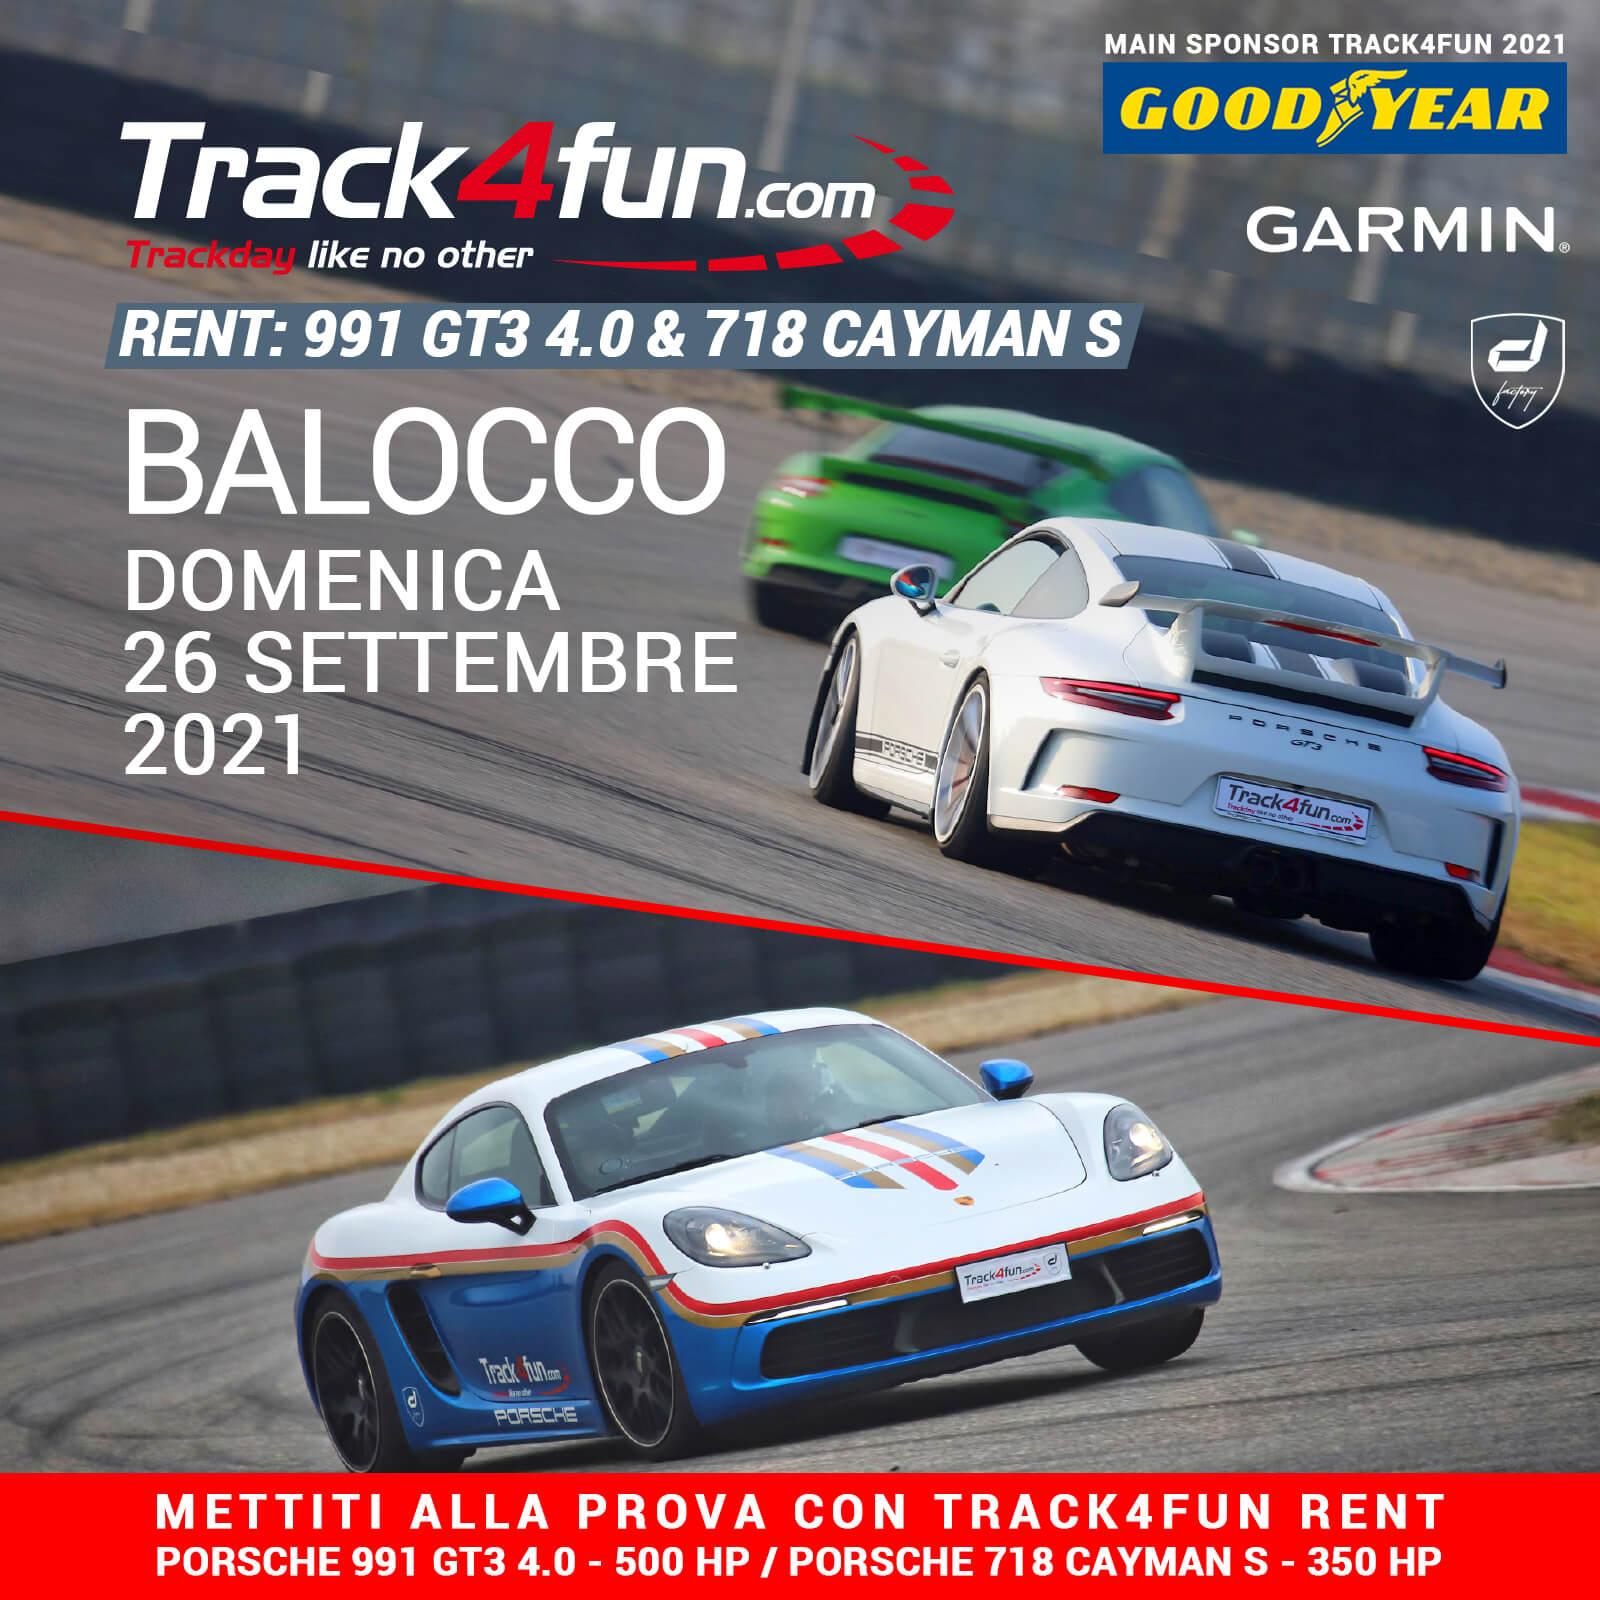 Track4fun Rent Balocco 26-09-2021